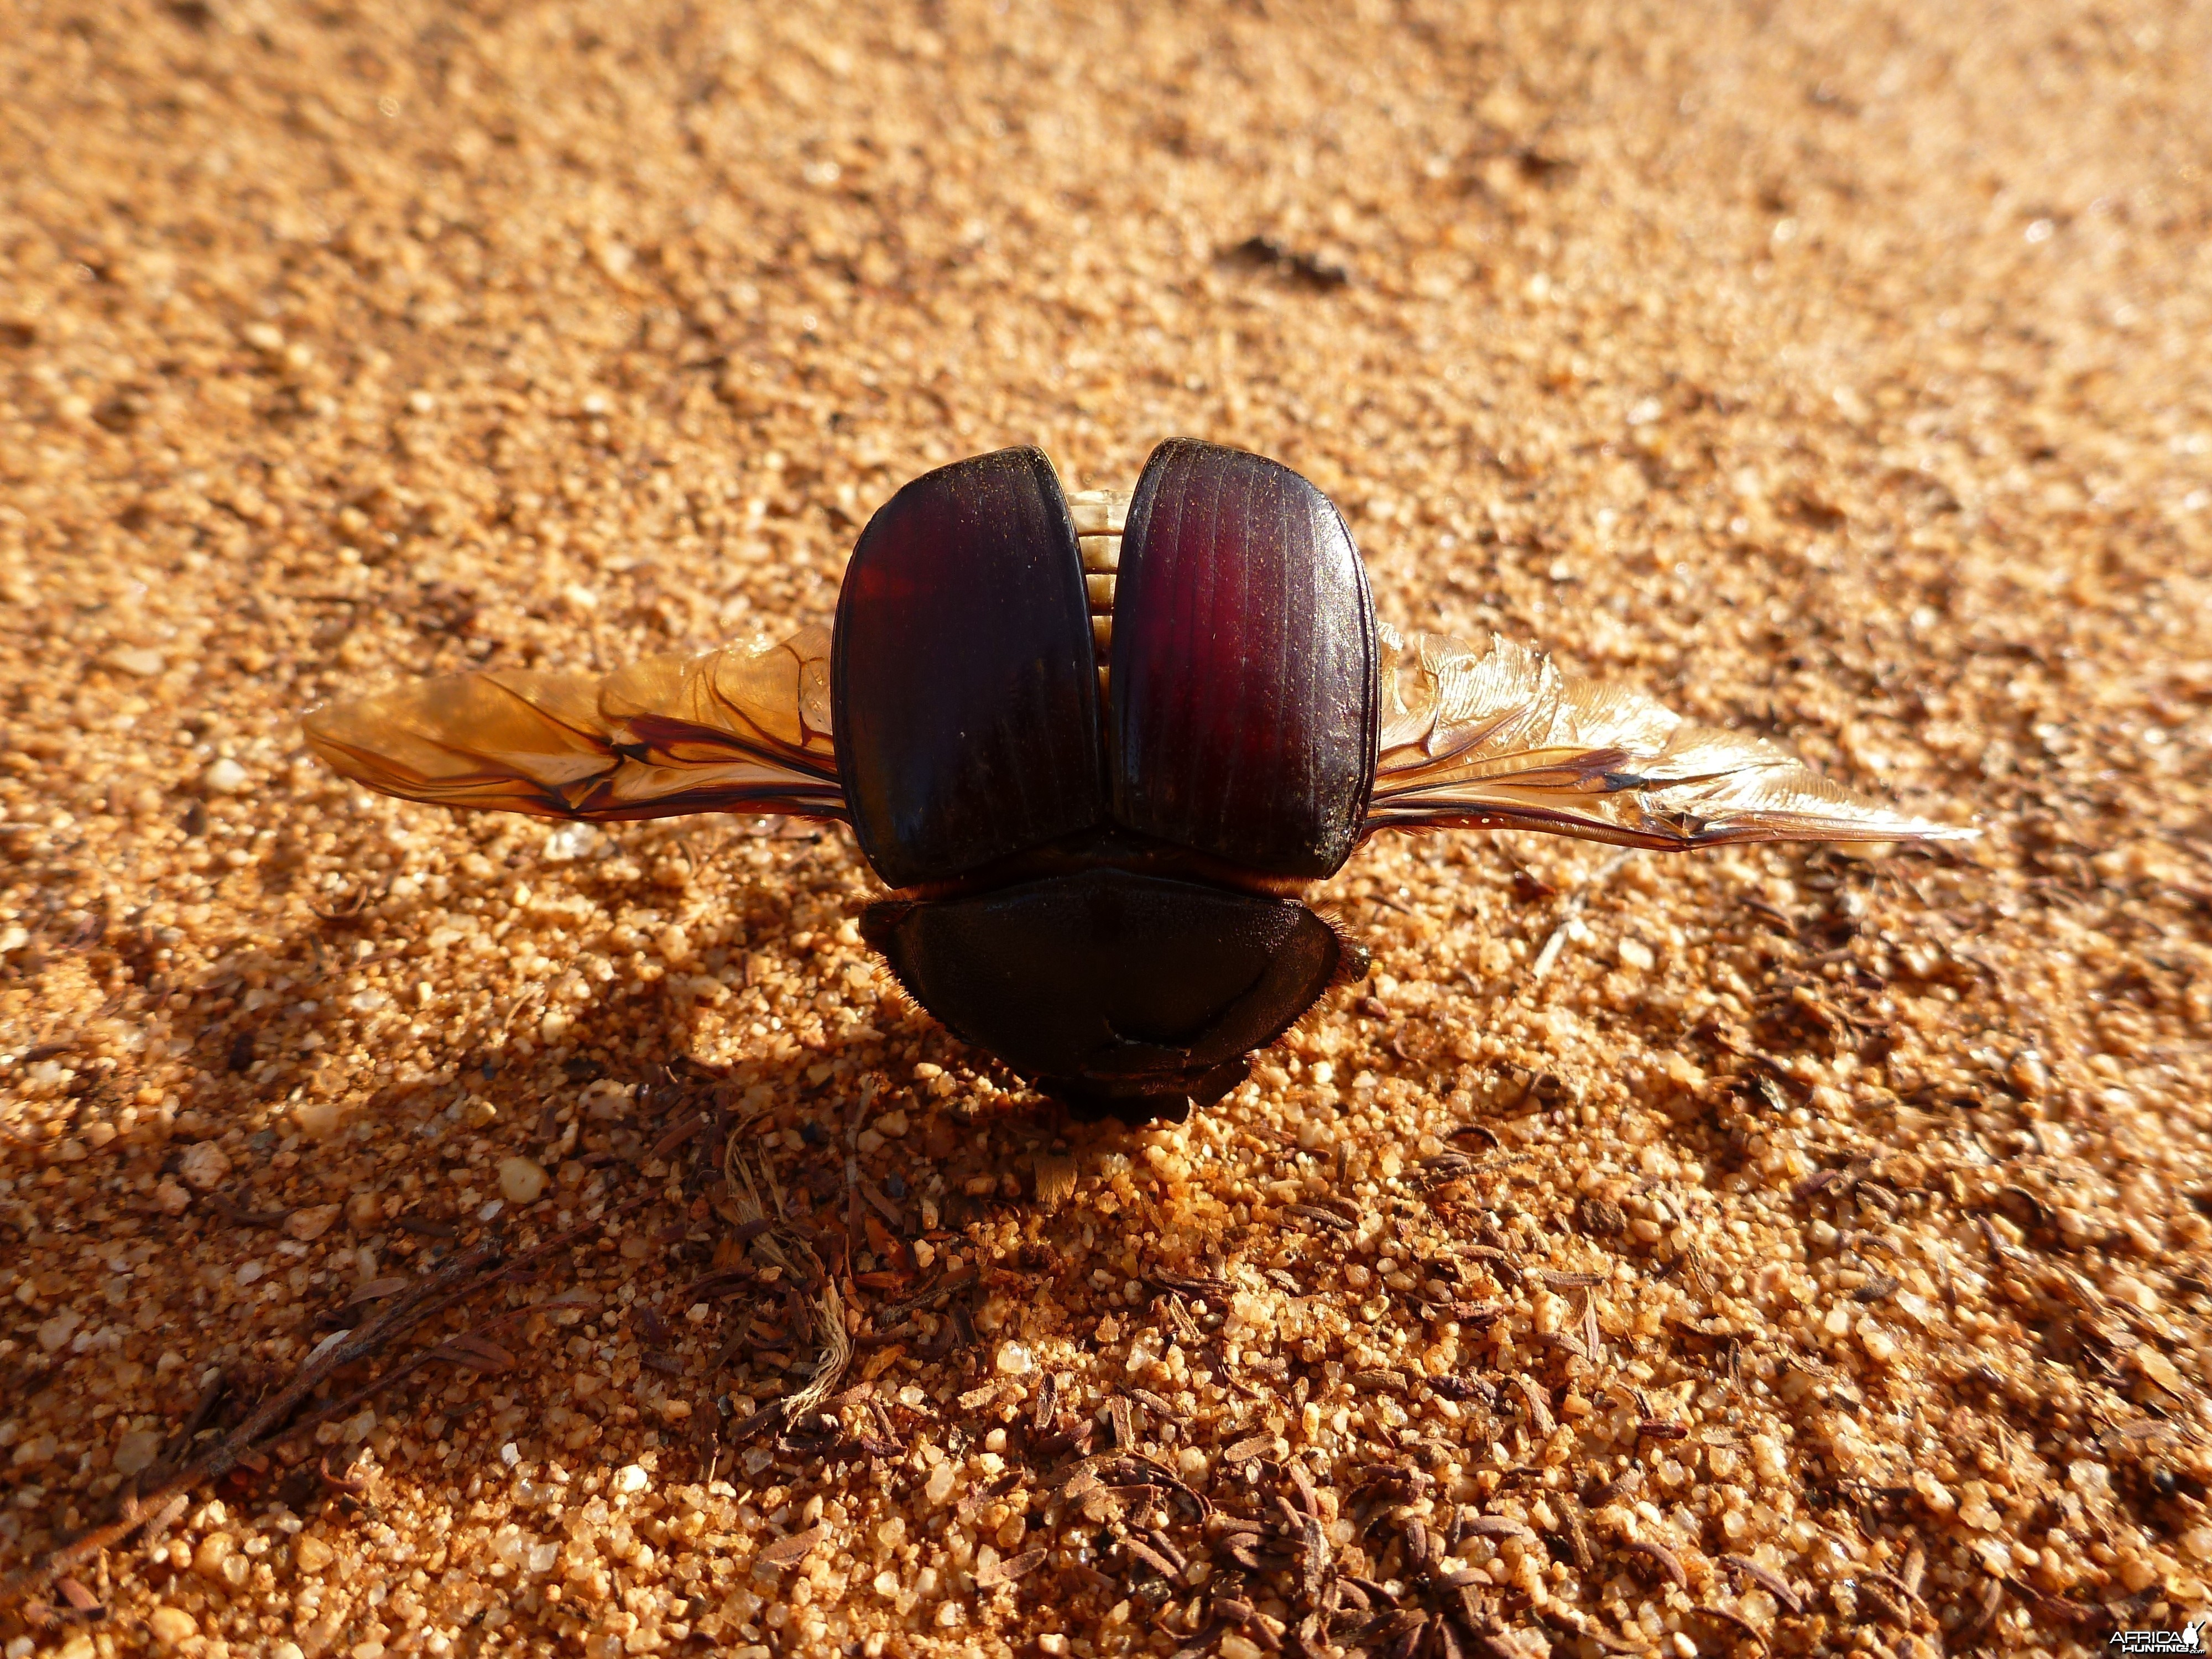 Beetle Namibia